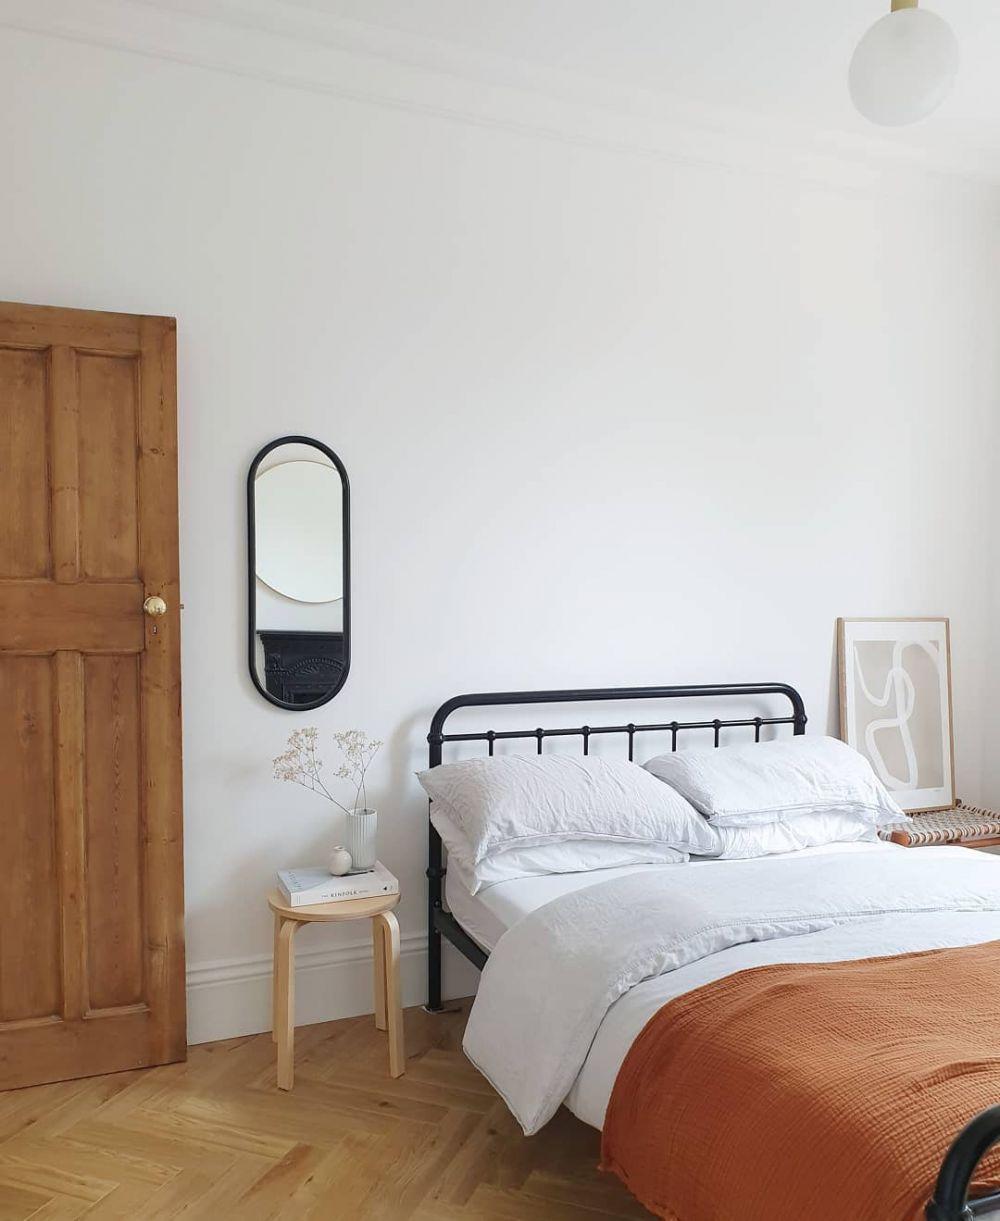 Inspirasi Desain Ruangan Minimalis yang Instagrammable